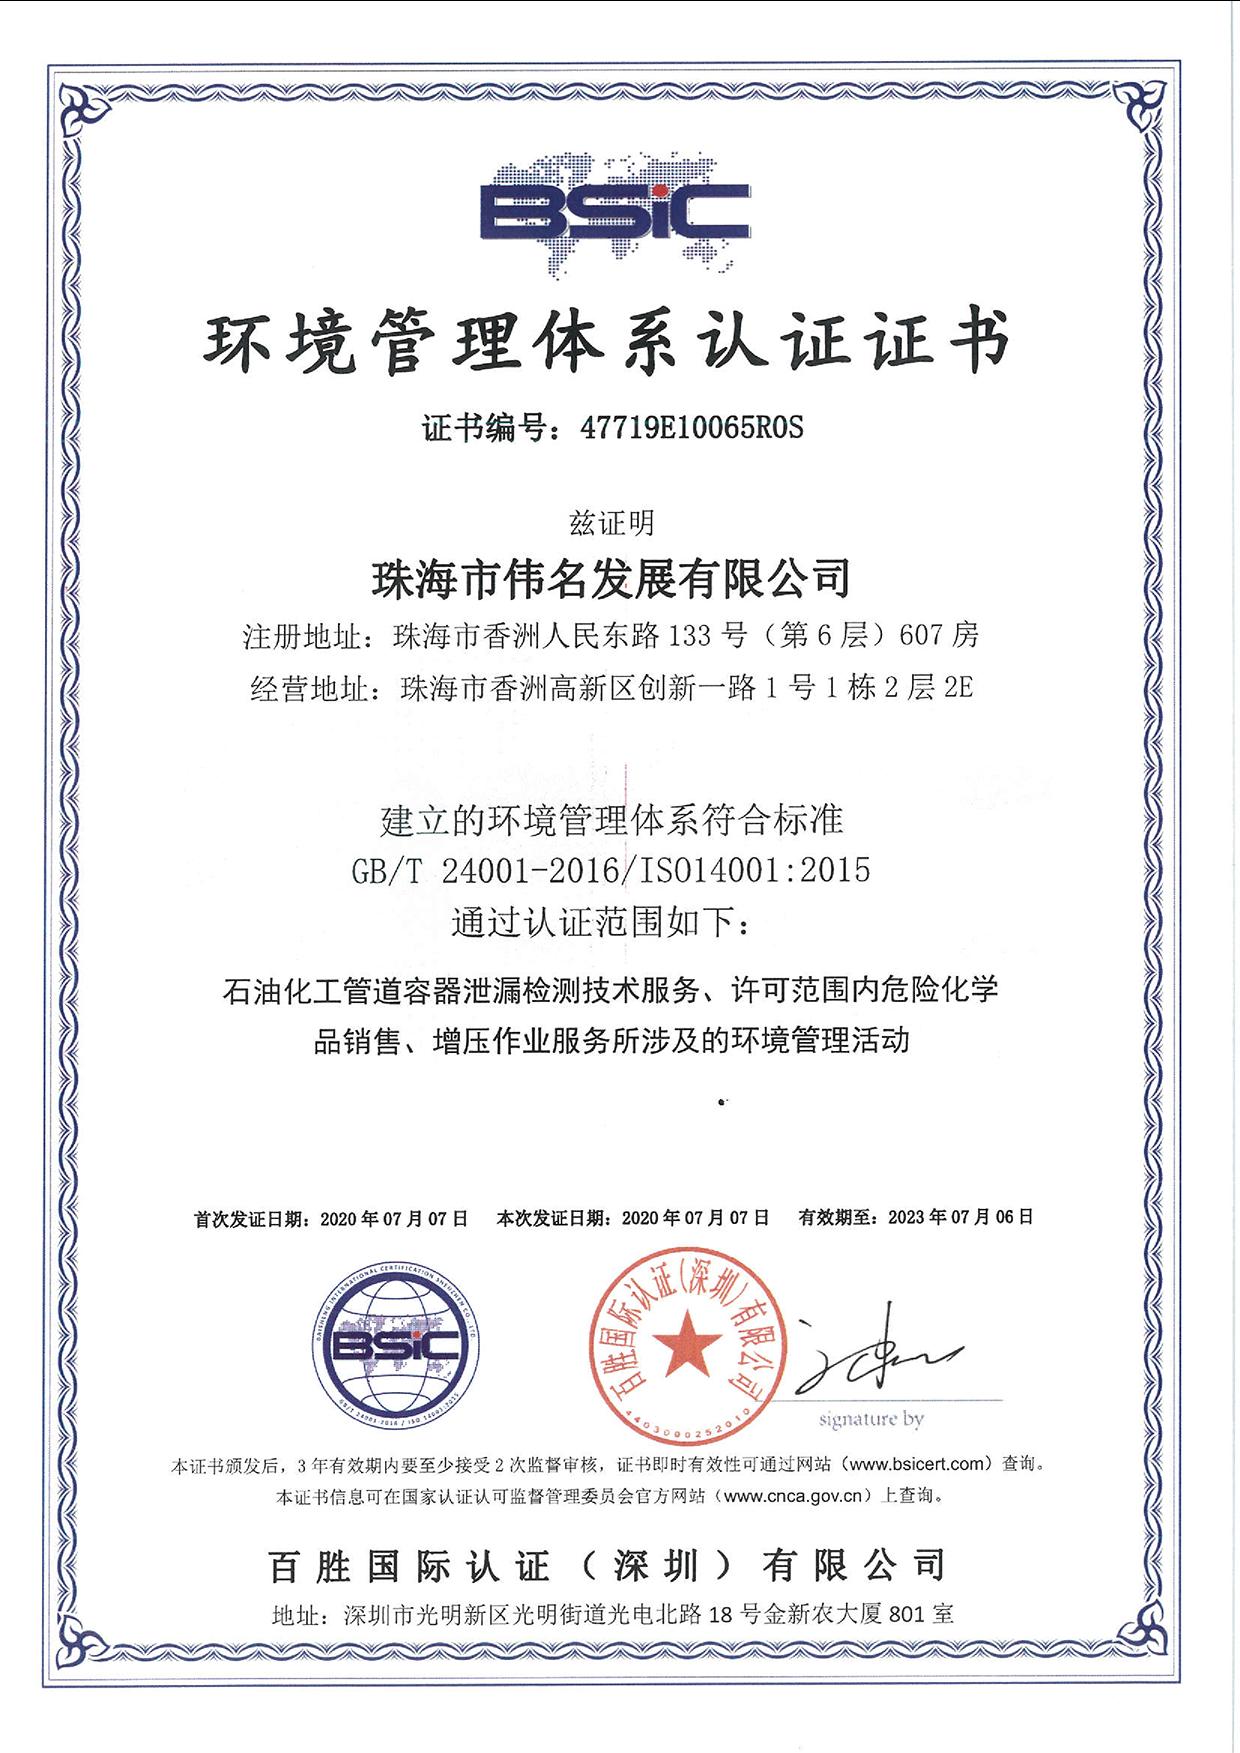 环境管理体系认证证书-(中文)